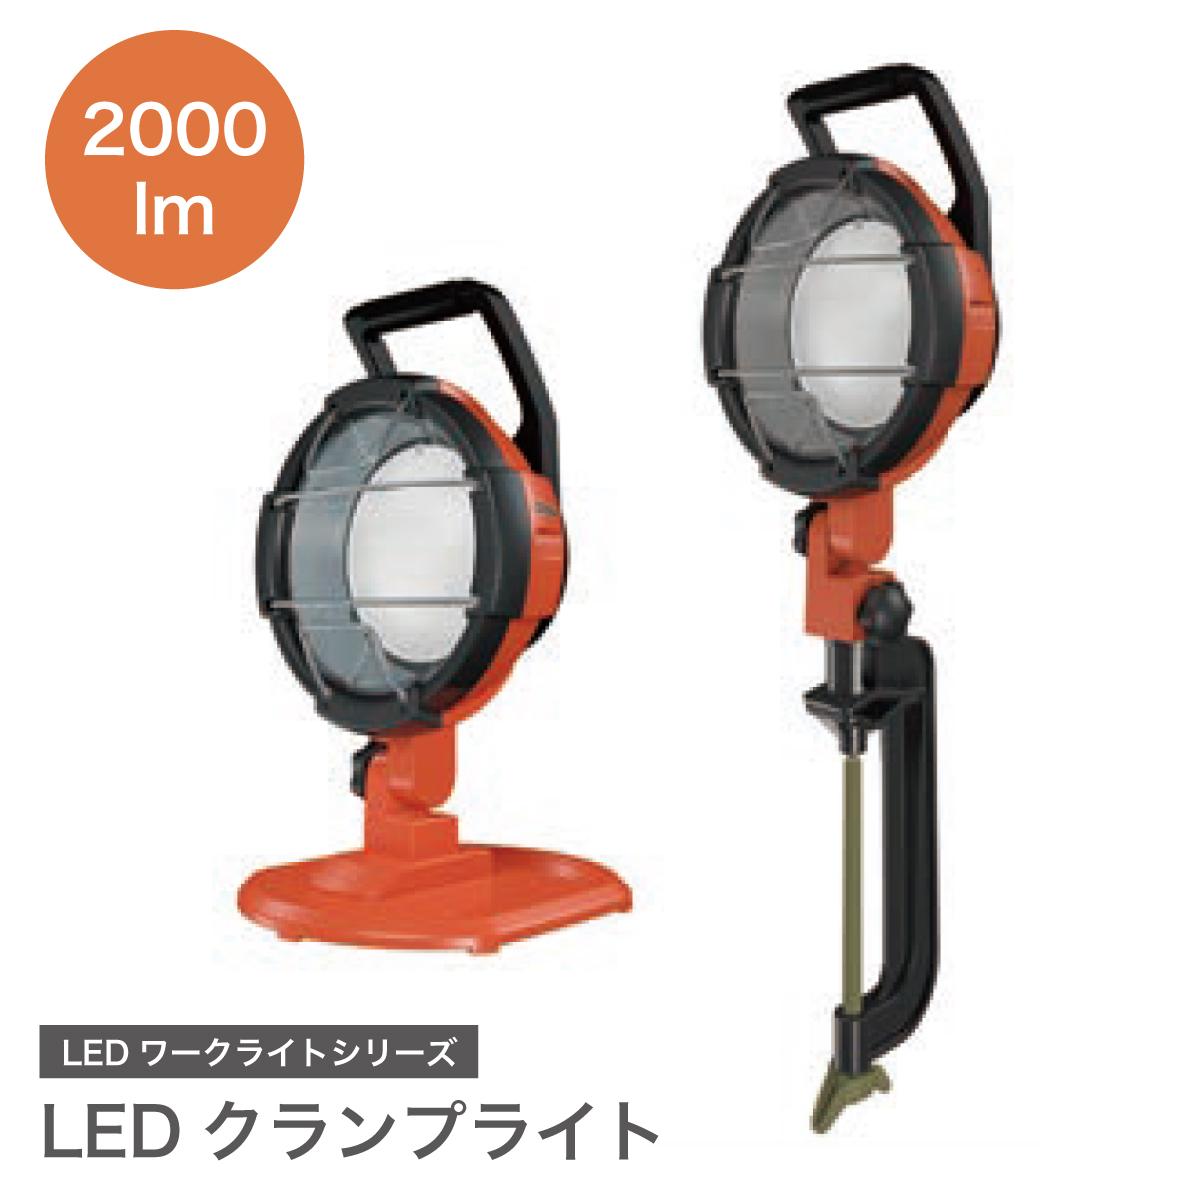 LEDクランプライト ワークライト 照明 省電力 長寿命 防水 休み ブルズLEDワークライトシリーズ LWT-2000C170×116×467mm 防塵 000lm 2 ファクトリーアウトレット 置き型